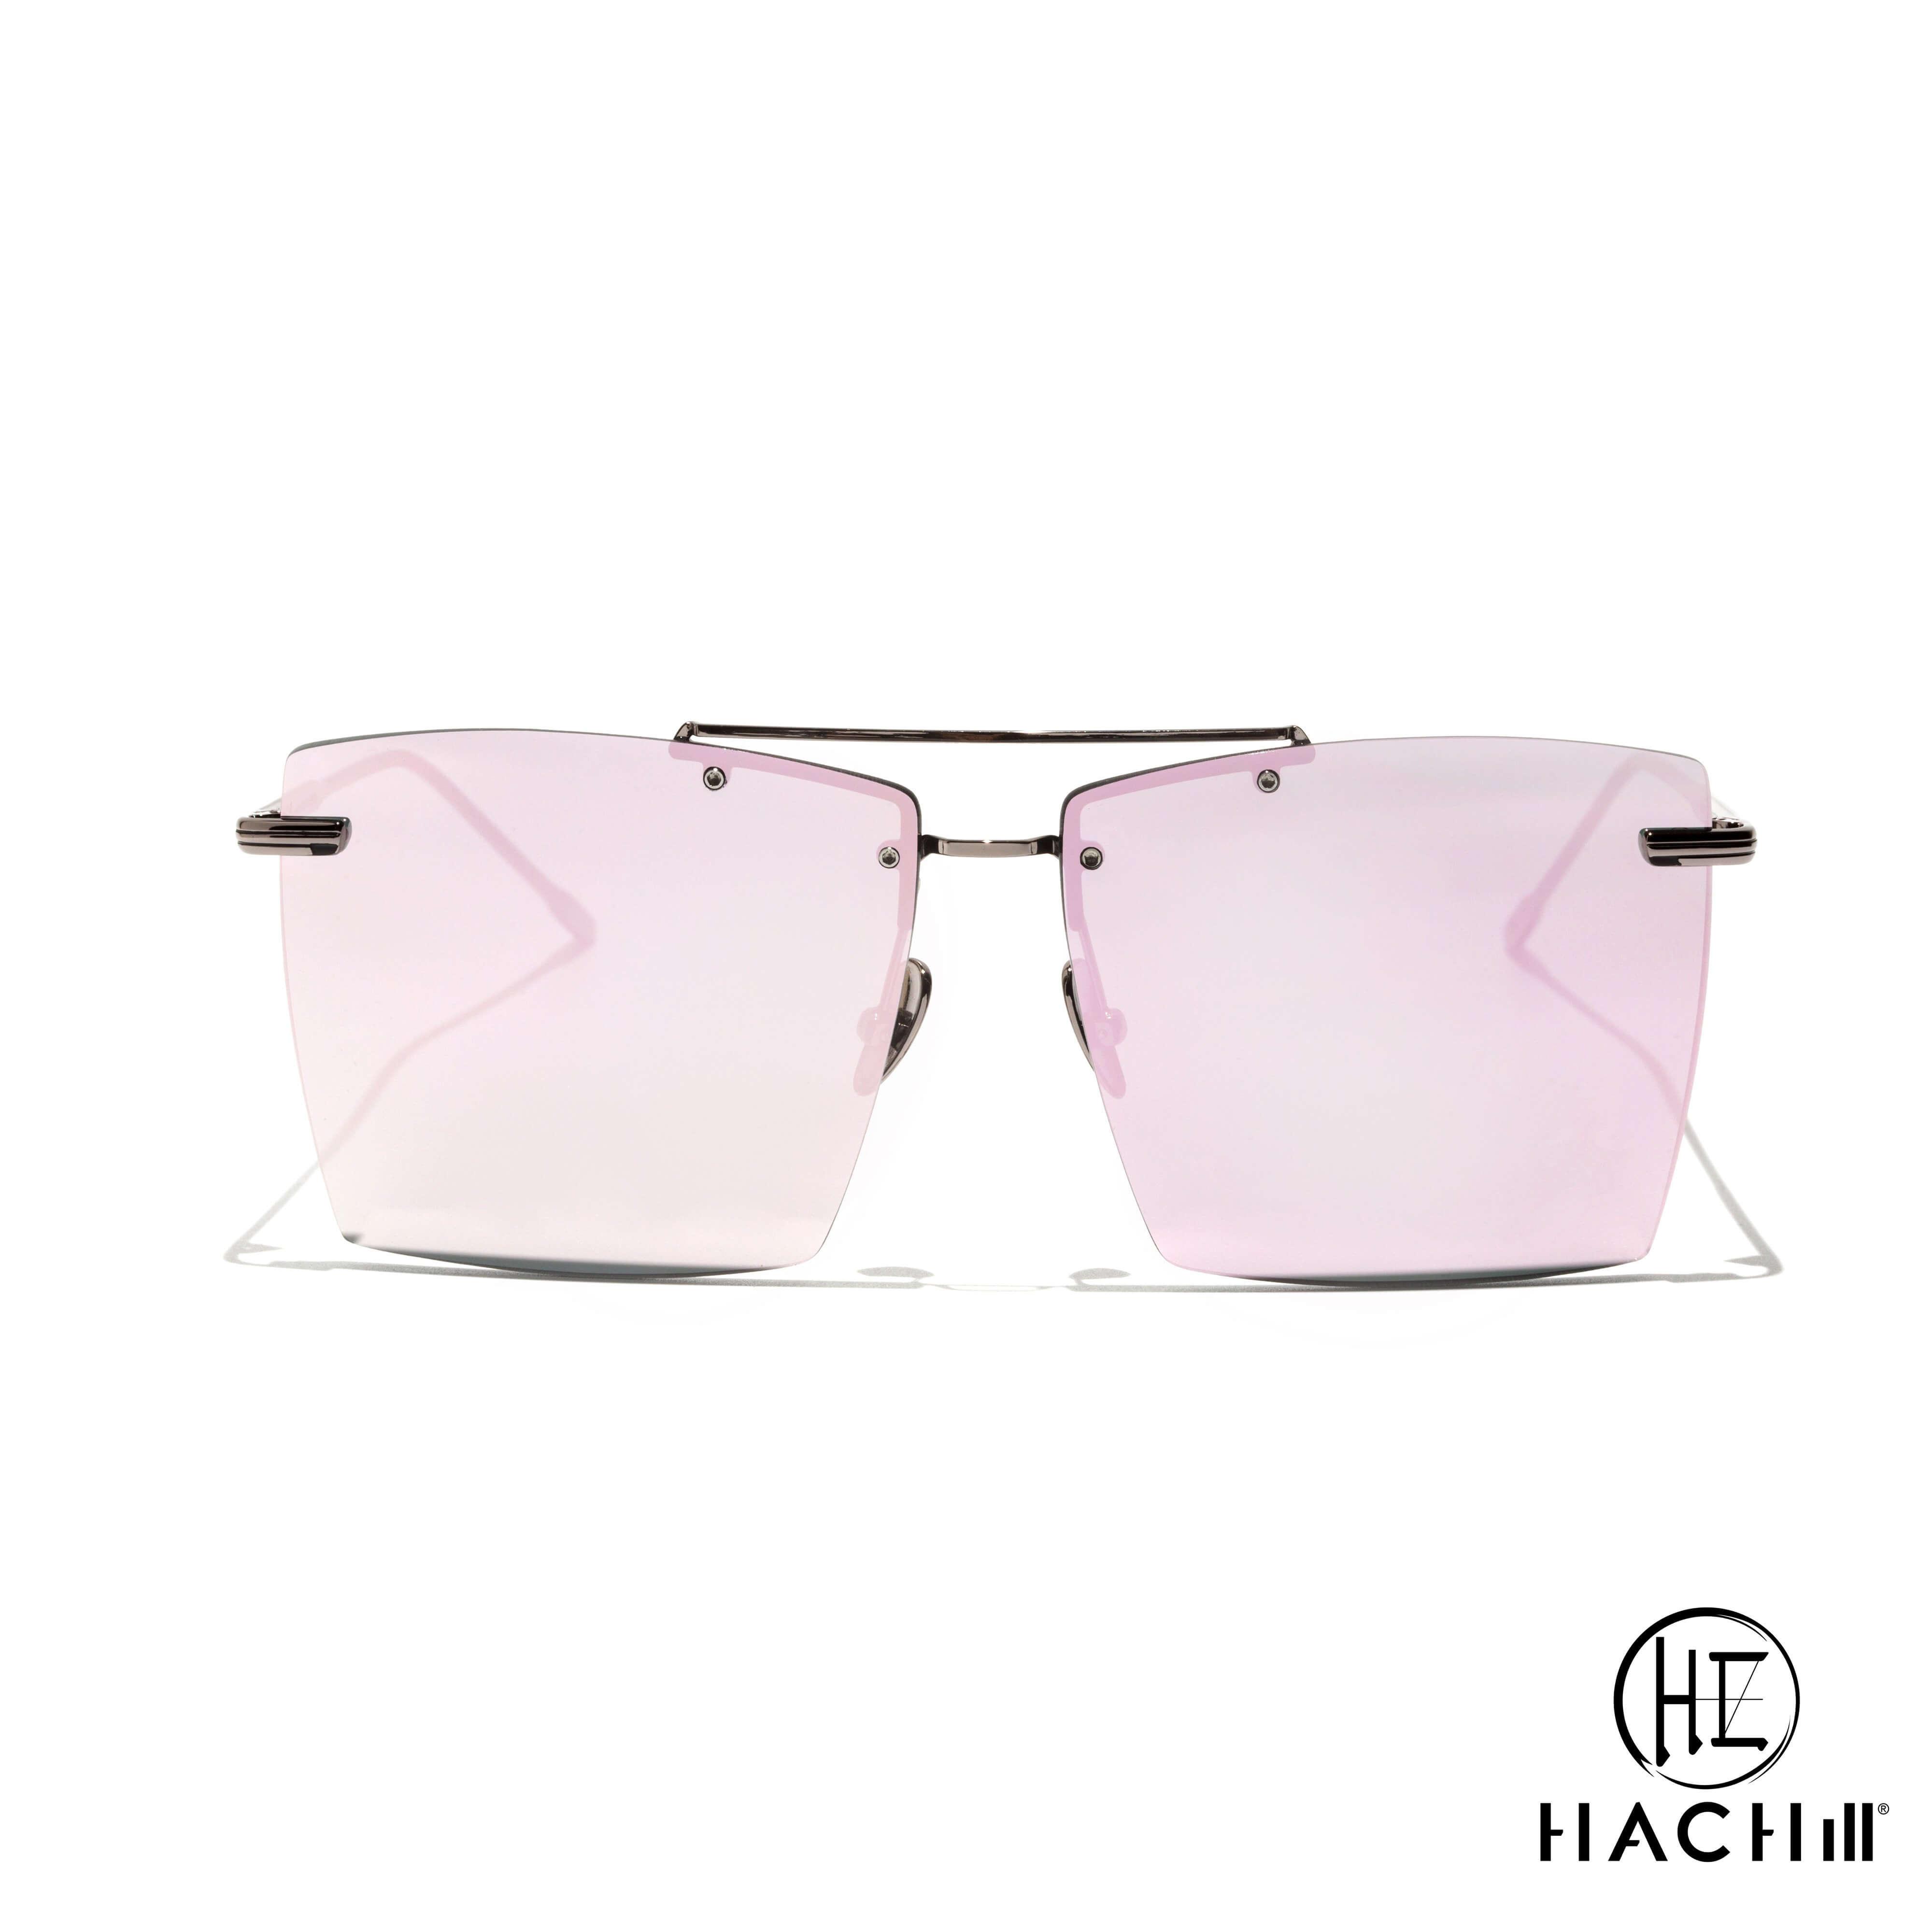 Hachill 太阳眼镜 HC8286S-C3 淡灰色